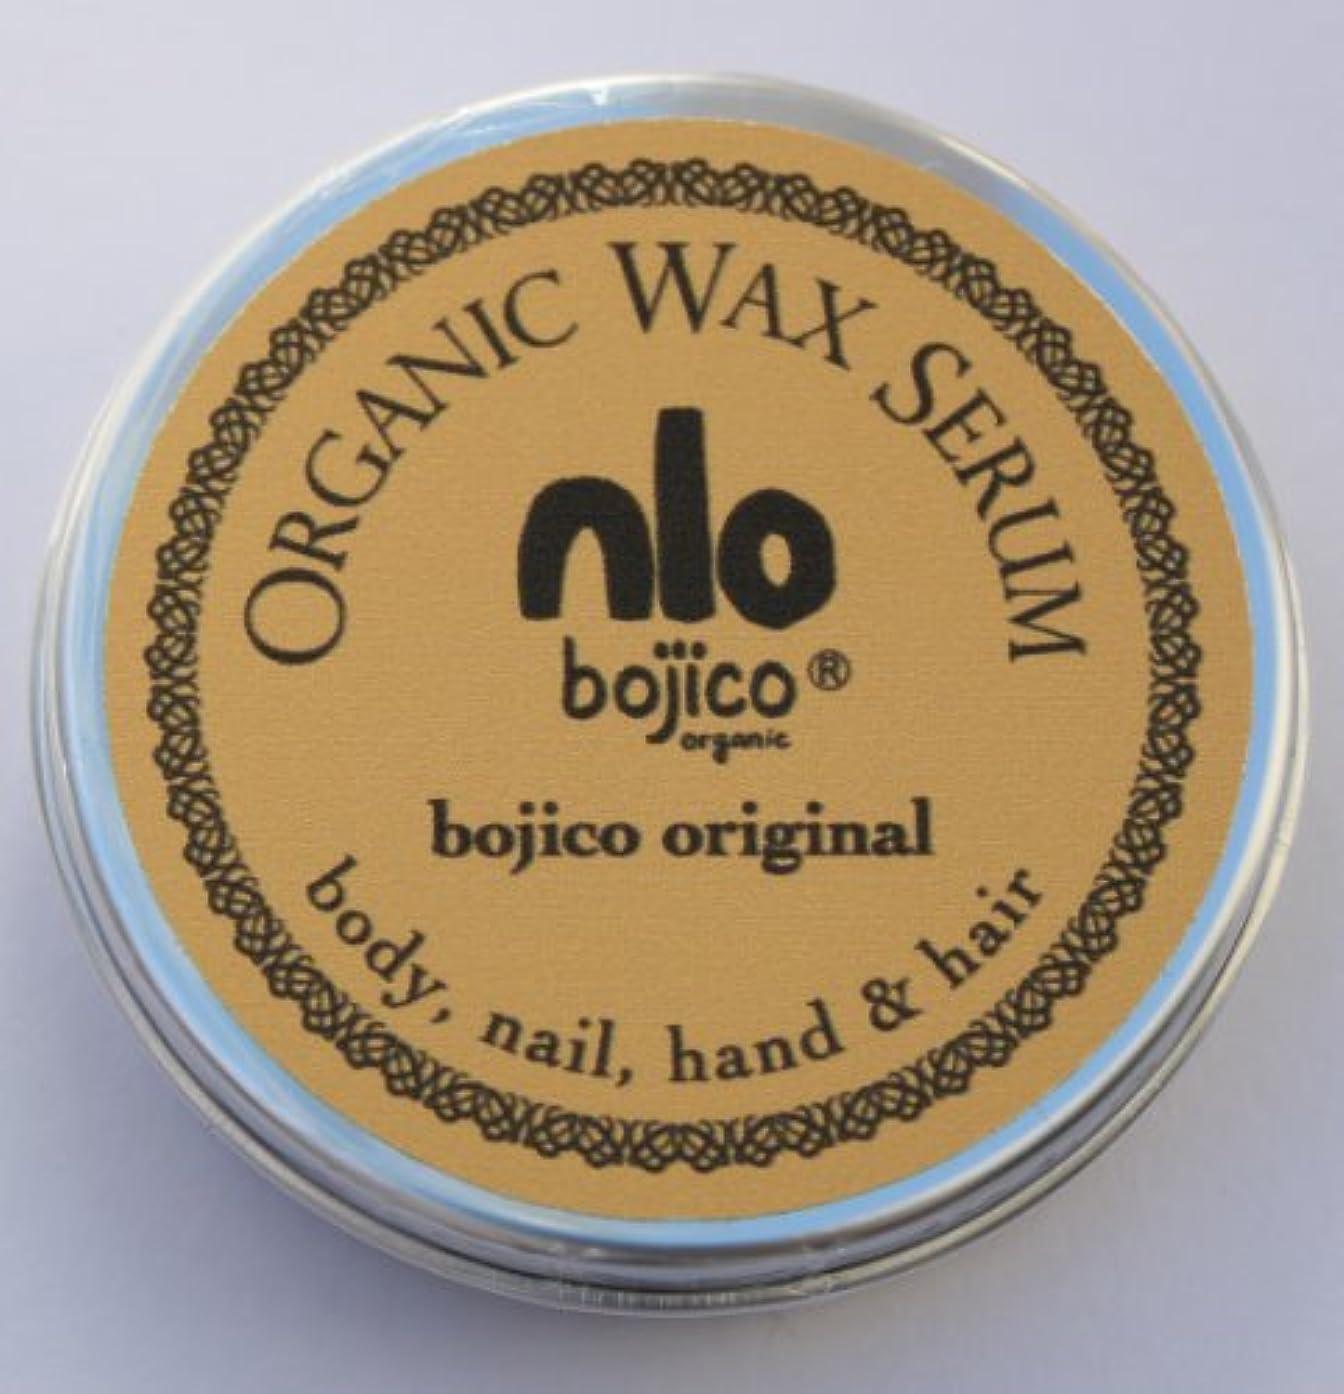 電気ダイエット忘れるbojico オーガニック ワックス セラム<オリジナル> Organic Wax Serum 40g